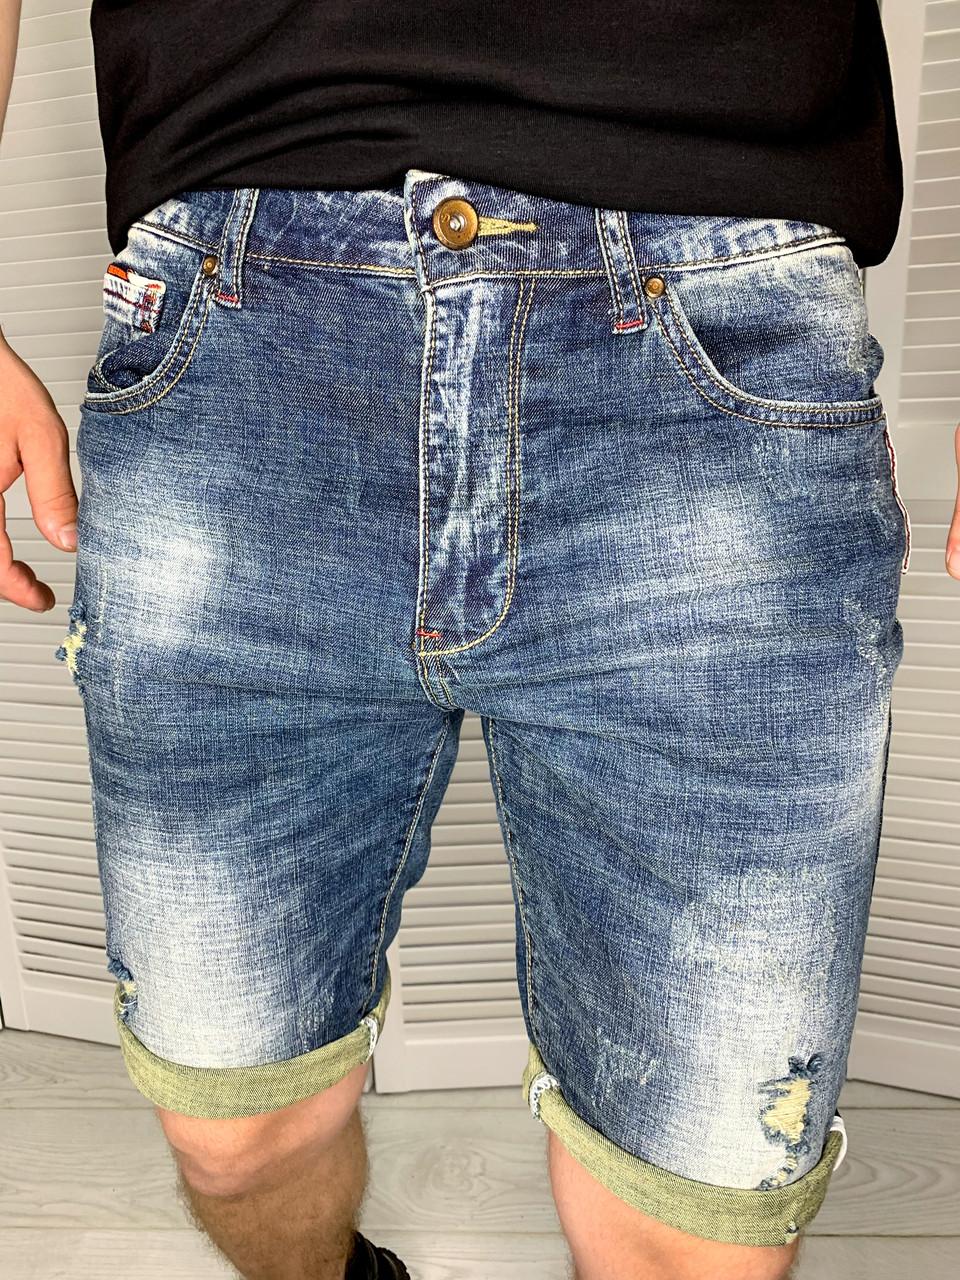 Шорты джинсовые мужские Today светло-синие, Мужские стильные джинсовые шорты на подкатах